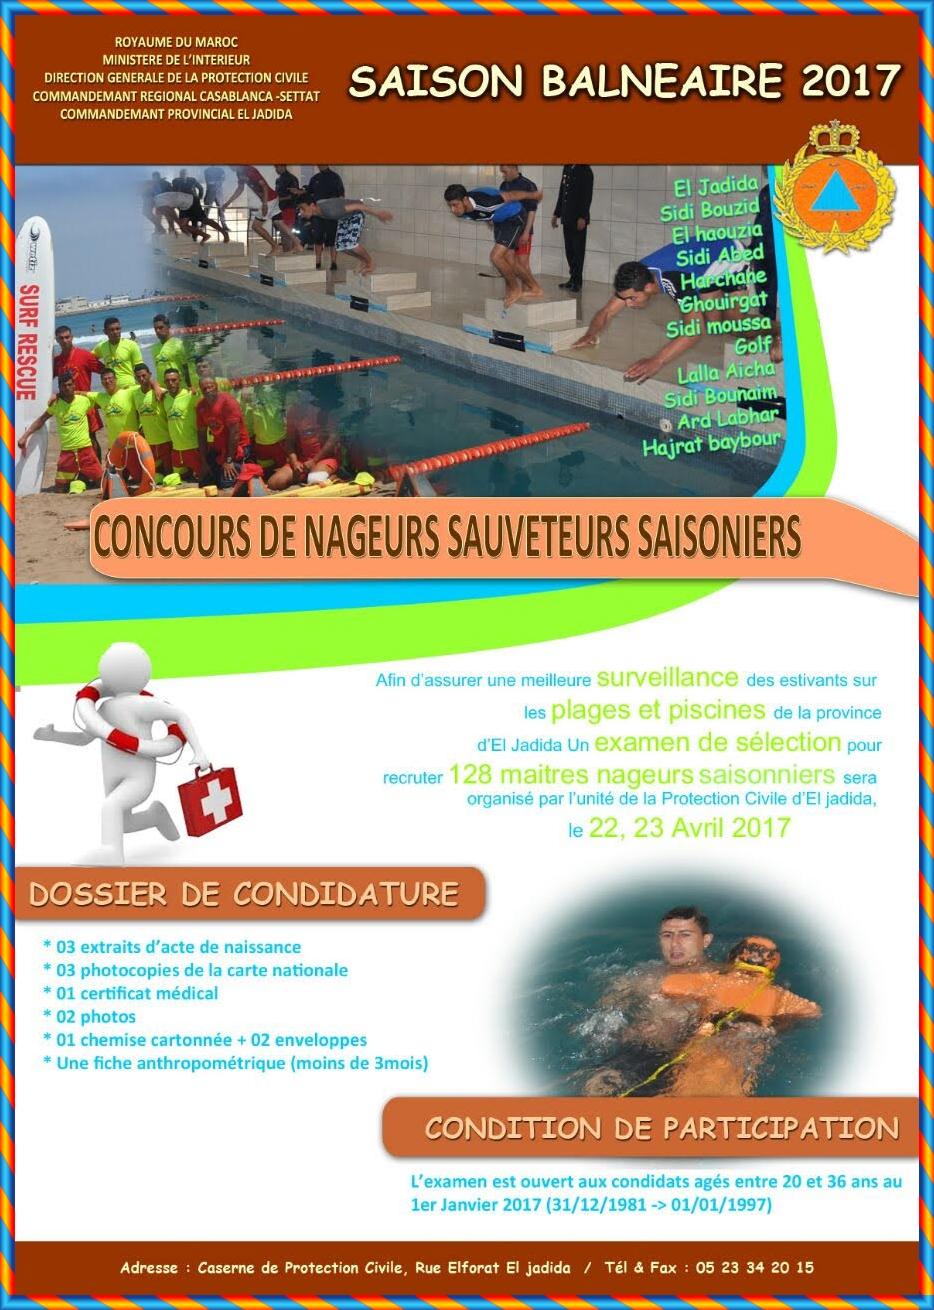 الوقاية المدنية بالجديدة عاجل:لمن يهمه الأمر بأن يصبح معلم سباحة موسم الصيف